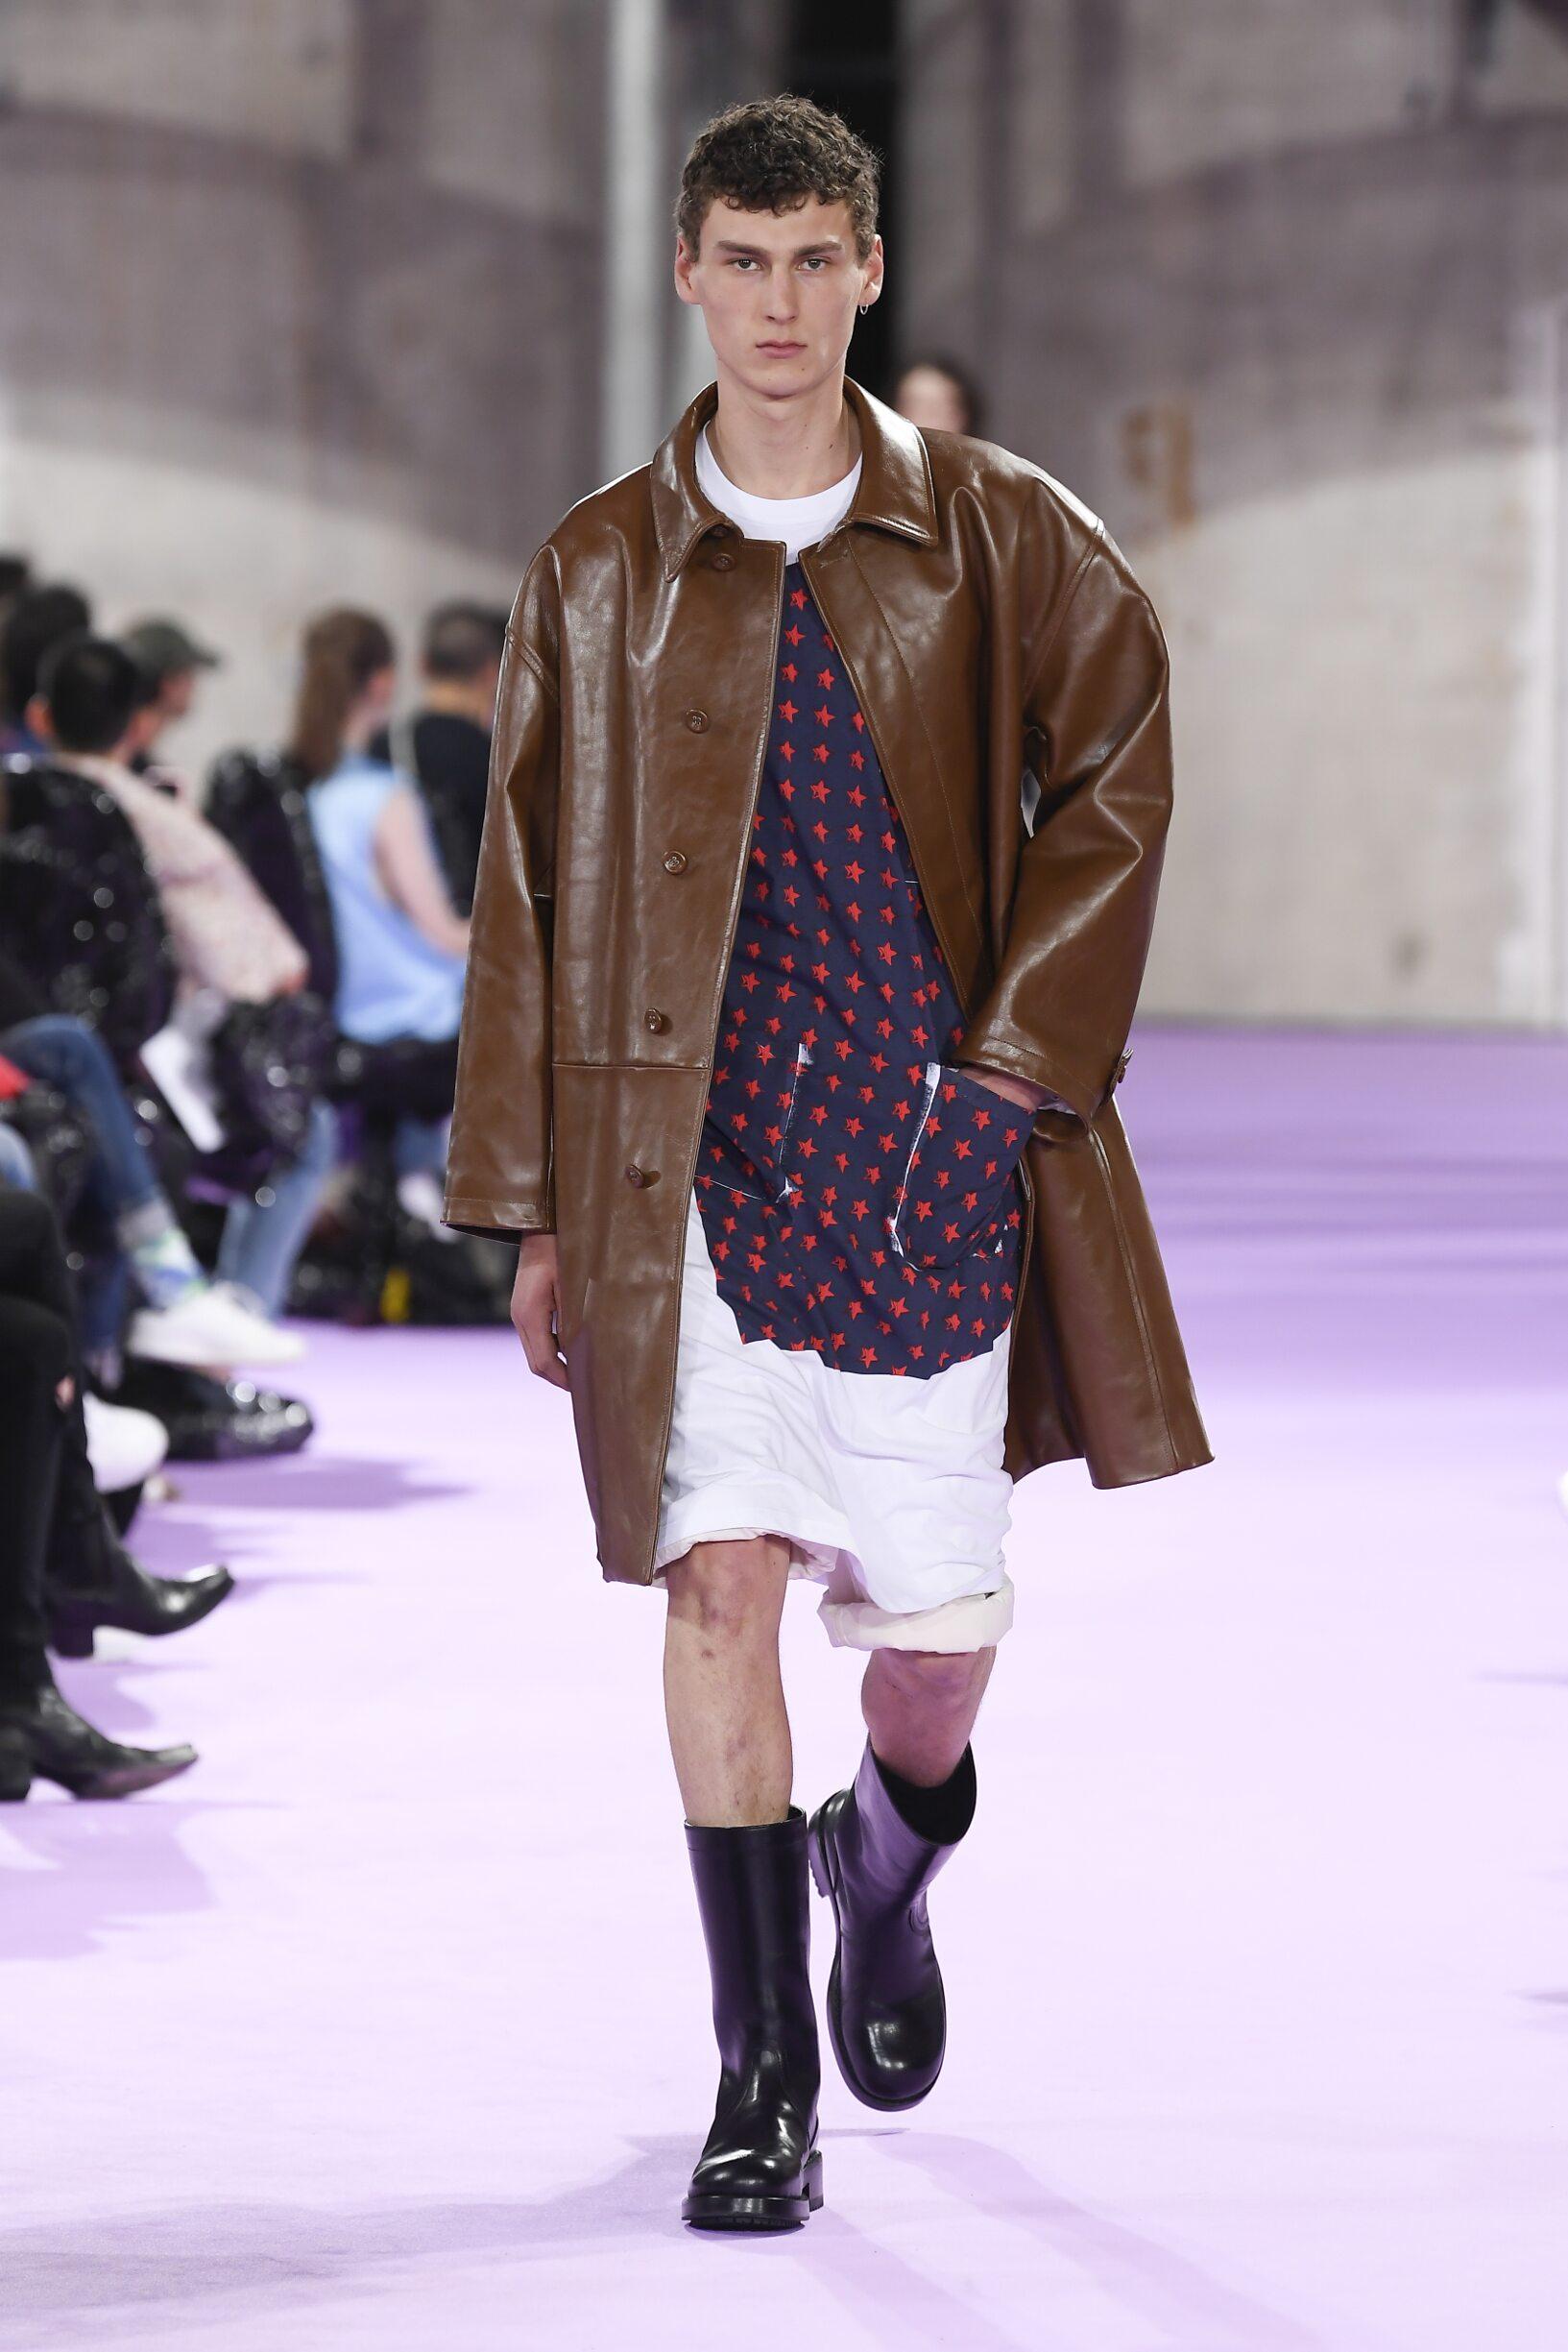 SS 2020 Raf Simons Fashion Show Paris Fashion Week